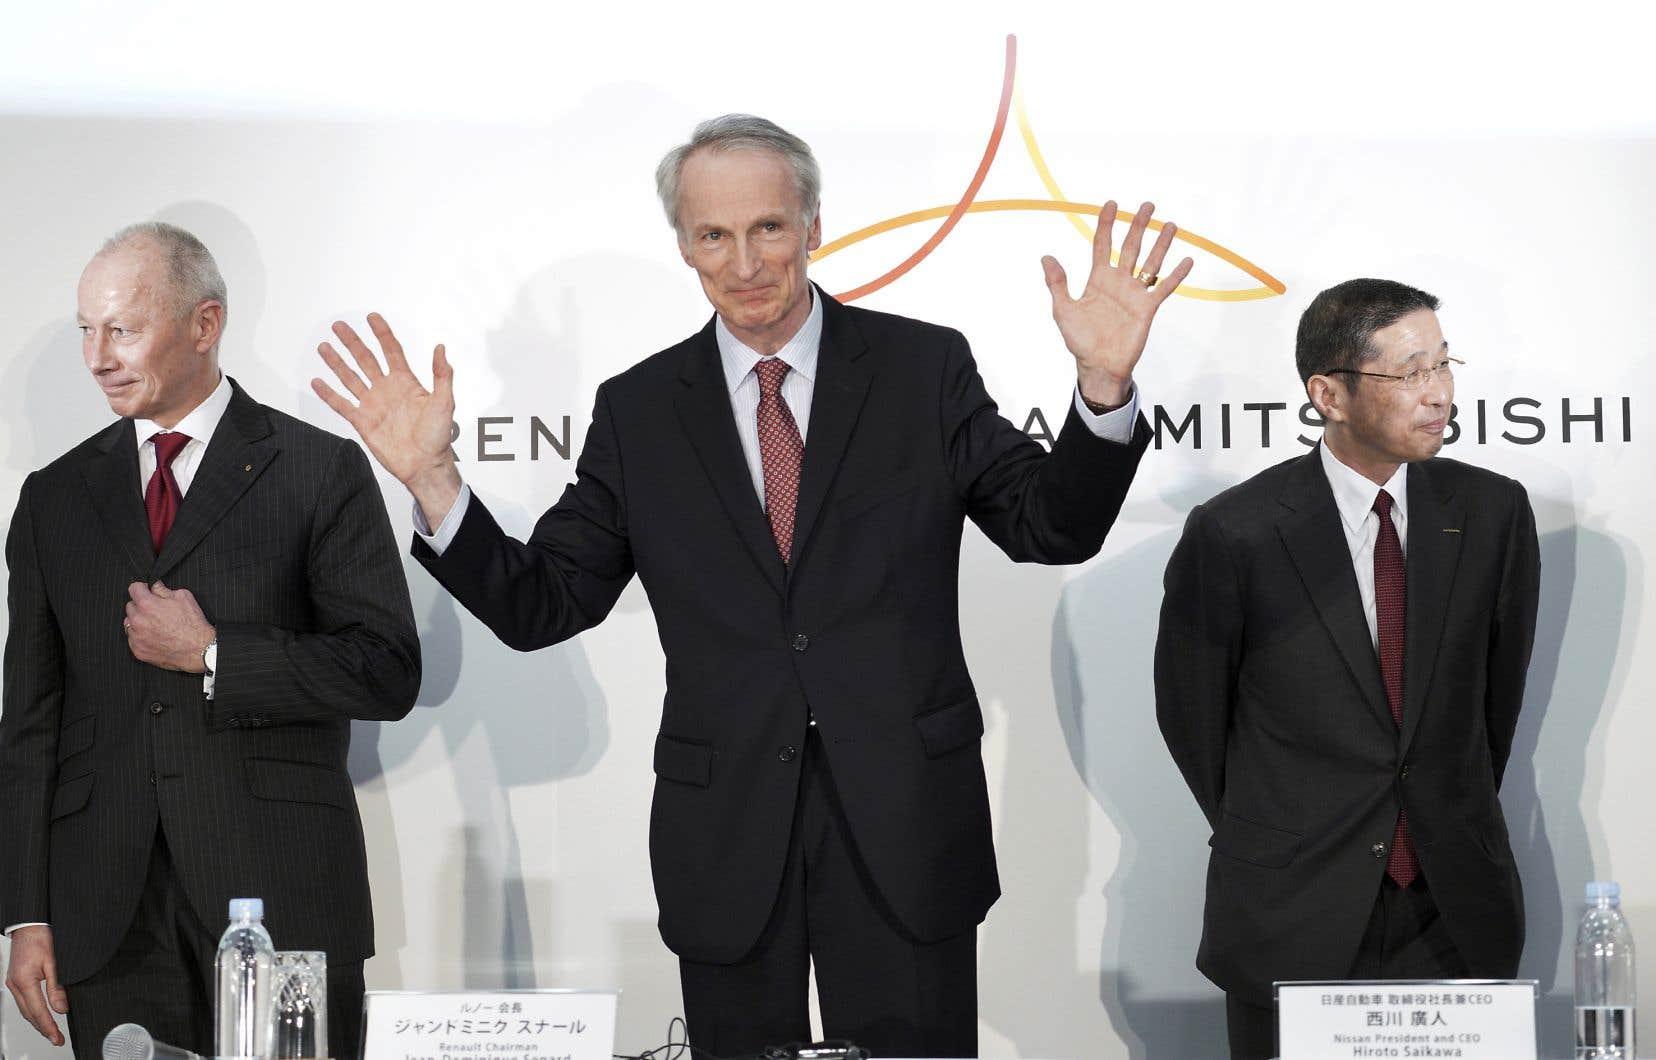 Le président de Renault, Jean-Dominique Senard (au centre), renonce à briguer la présidence de Nissan.